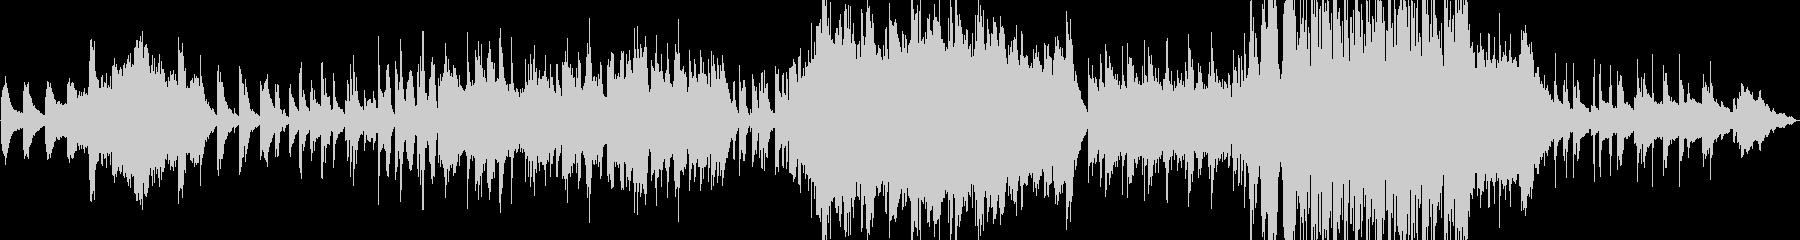 ピアノが印象的な寂しい雰囲気のバラード4の未再生の波形